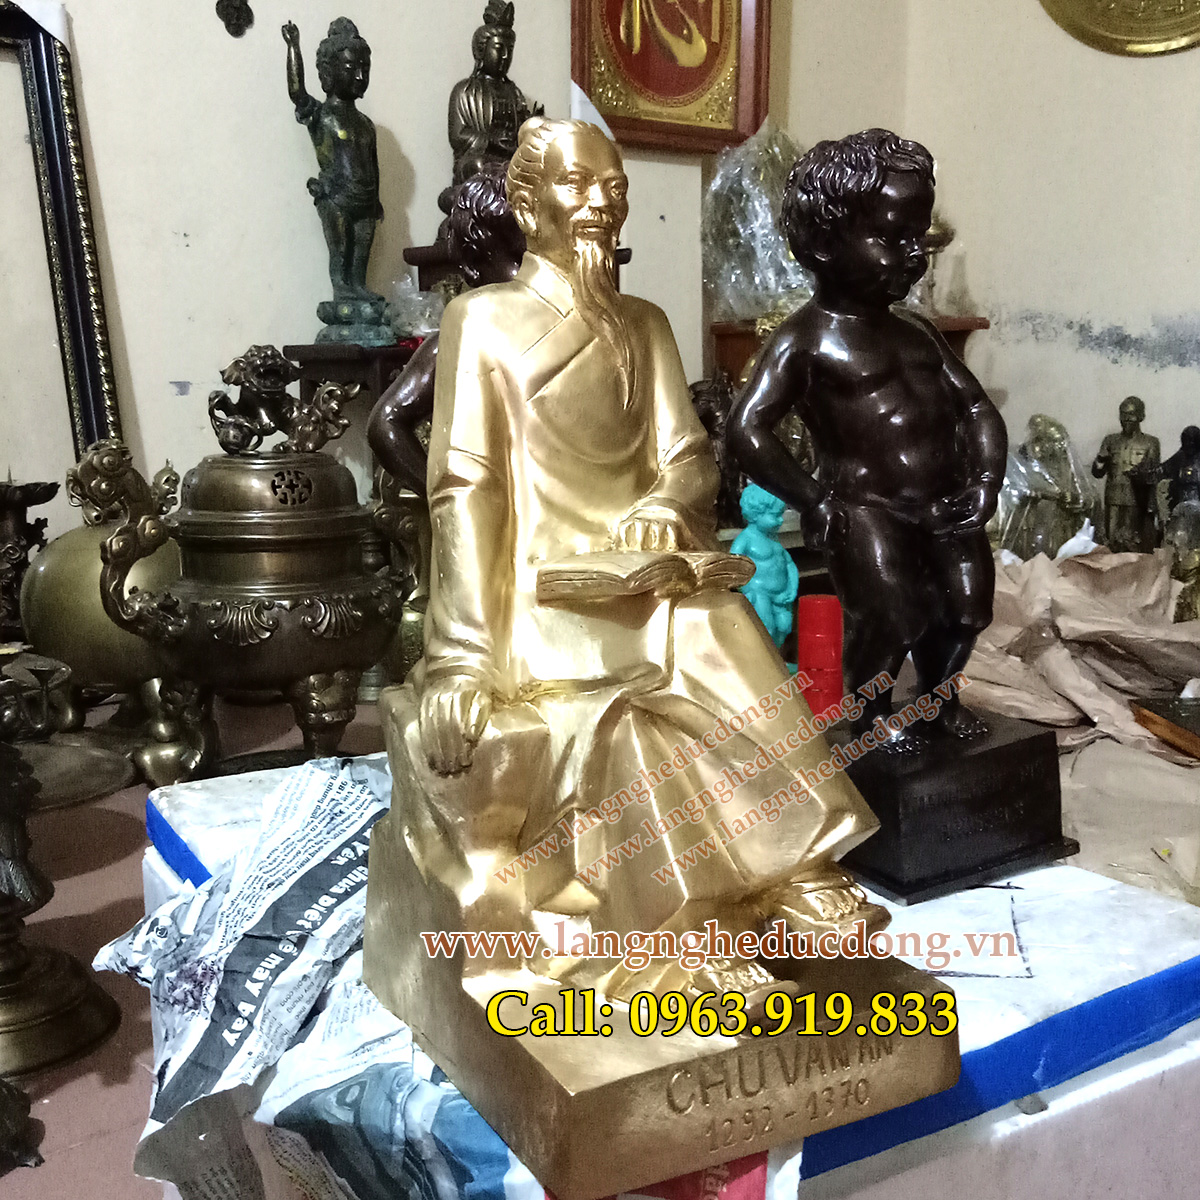 langngheducdong.vn - tượng đồng, tượng chu văn an bằng đồng, đúc tượng chu văn an cỡ nhỏ